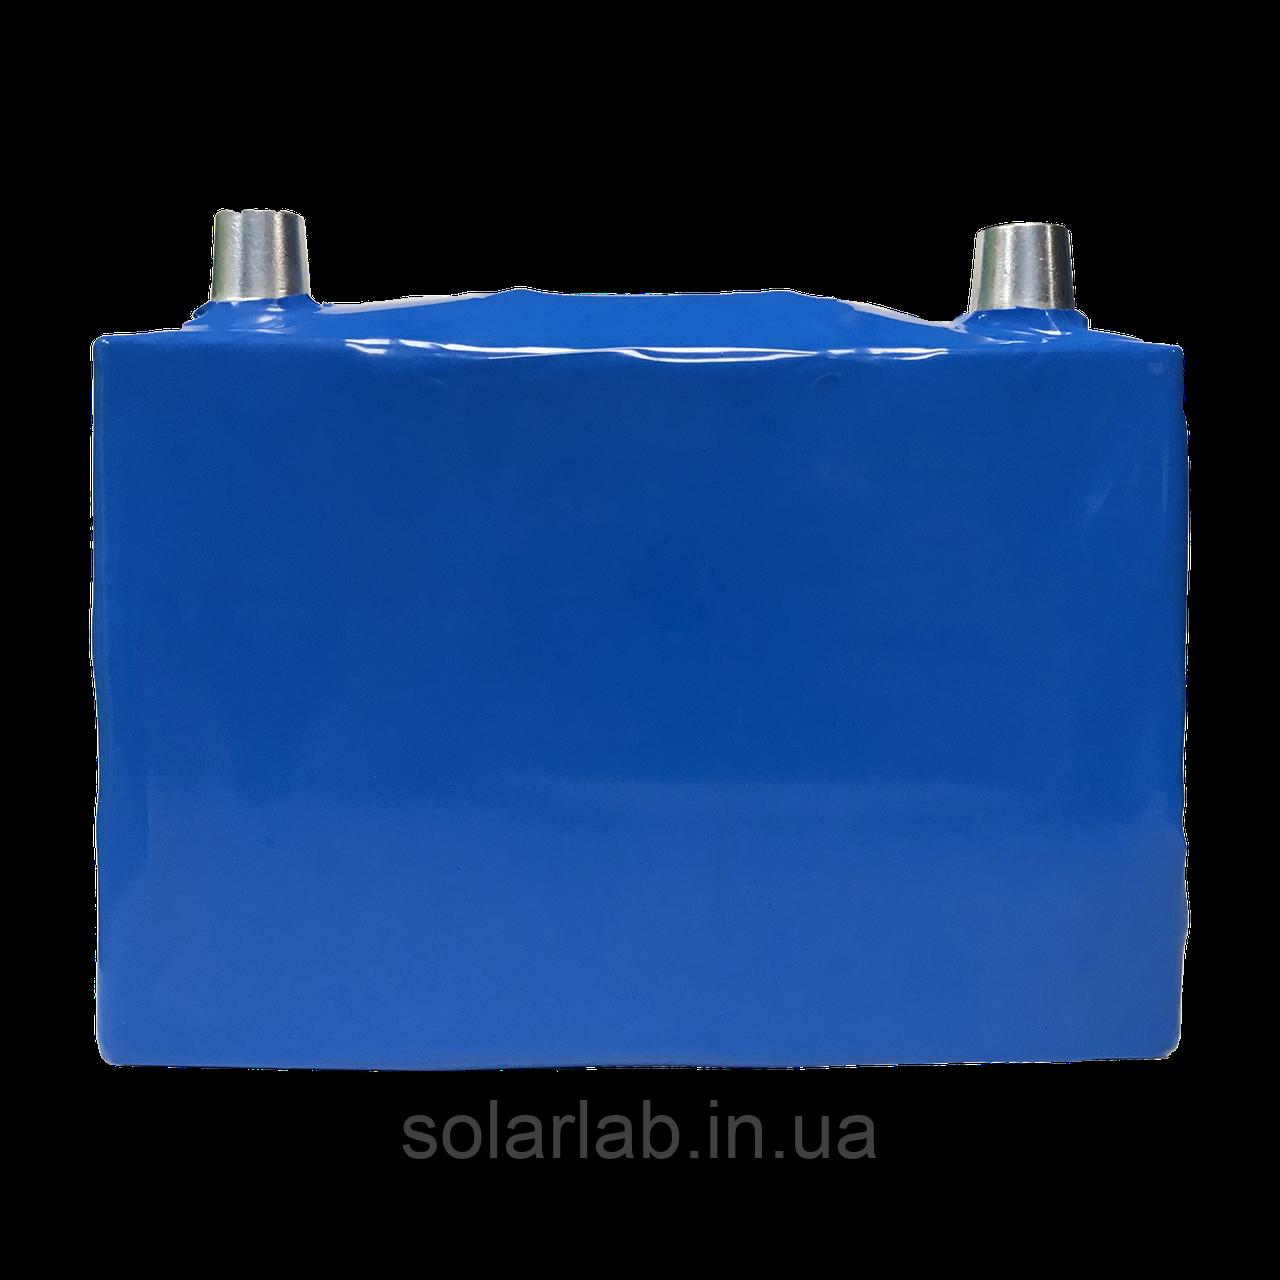 Акумулятор LP LiFePo-4 12V - 202 Ah Універсальний